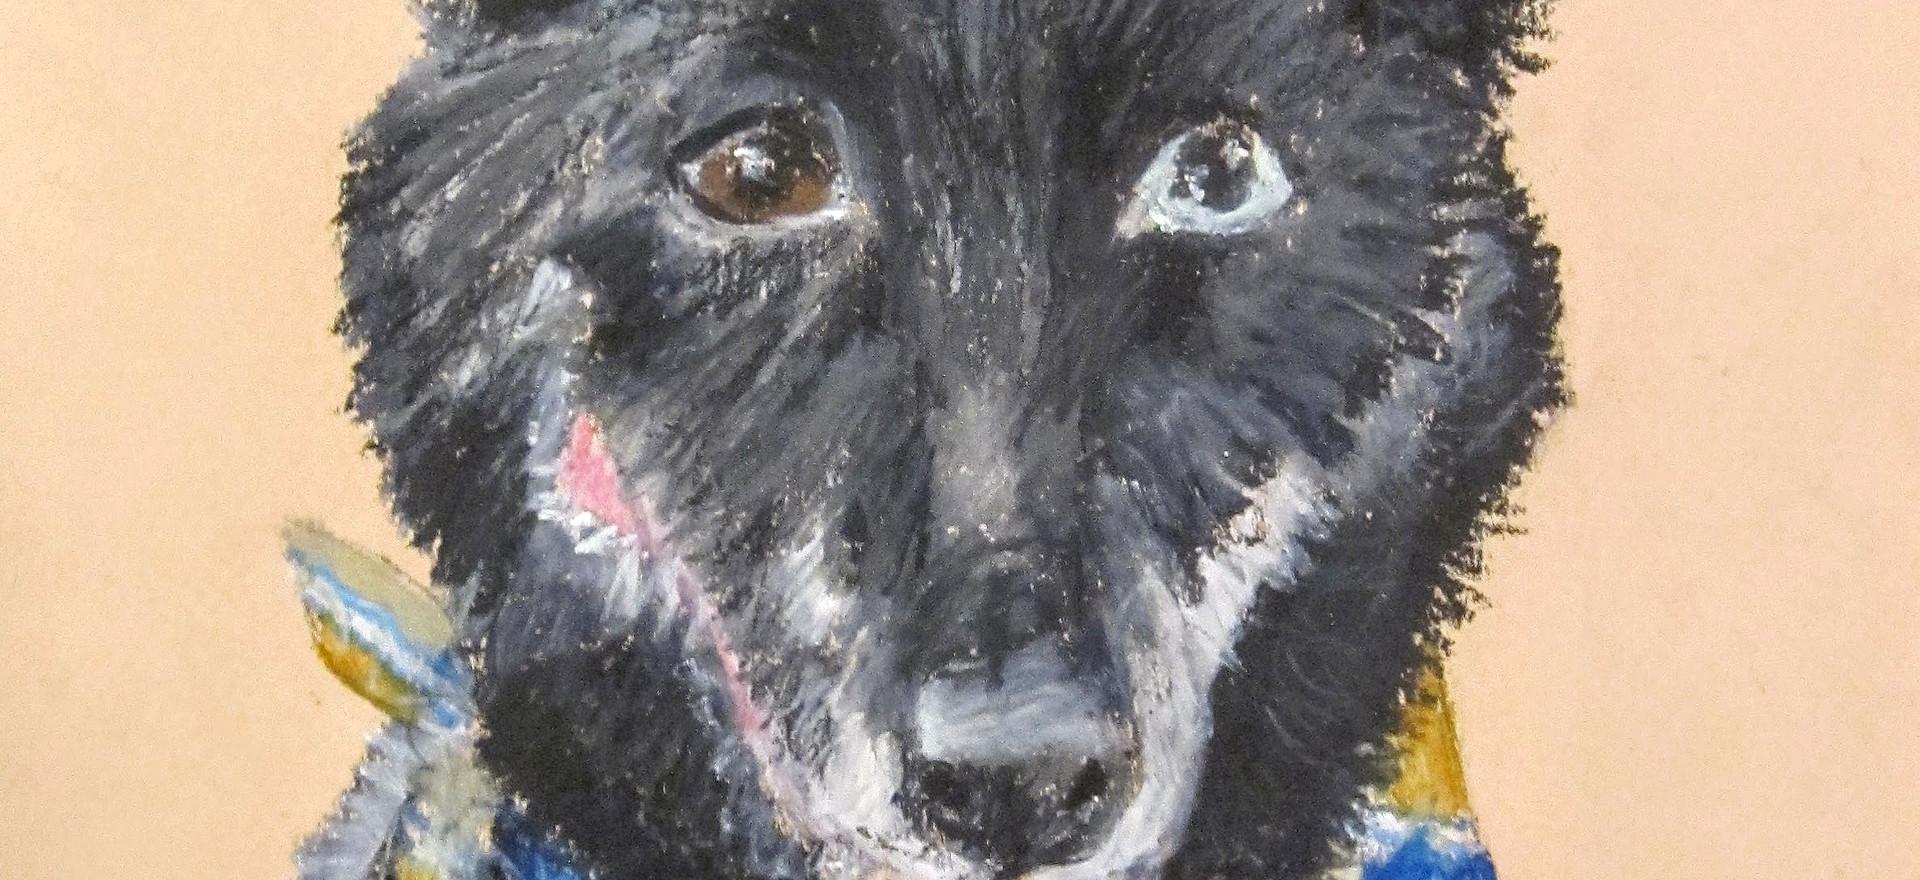 Puppy Portrait #2: Elsa